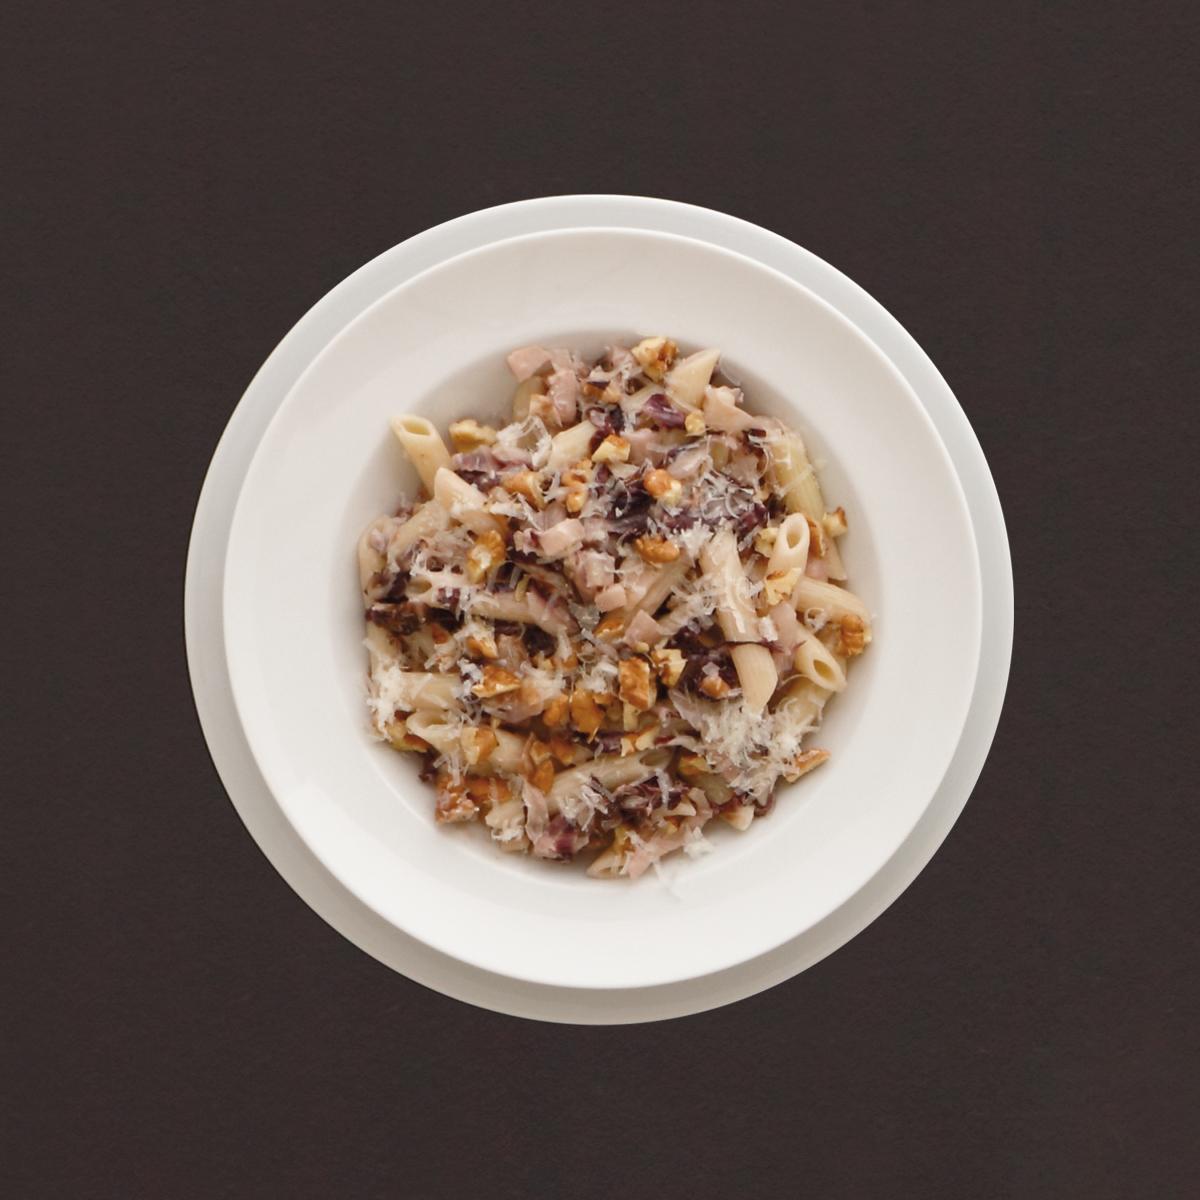 penne rigate mit gorgonzola birne und waln ssen rezept kochhaus. Black Bedroom Furniture Sets. Home Design Ideas